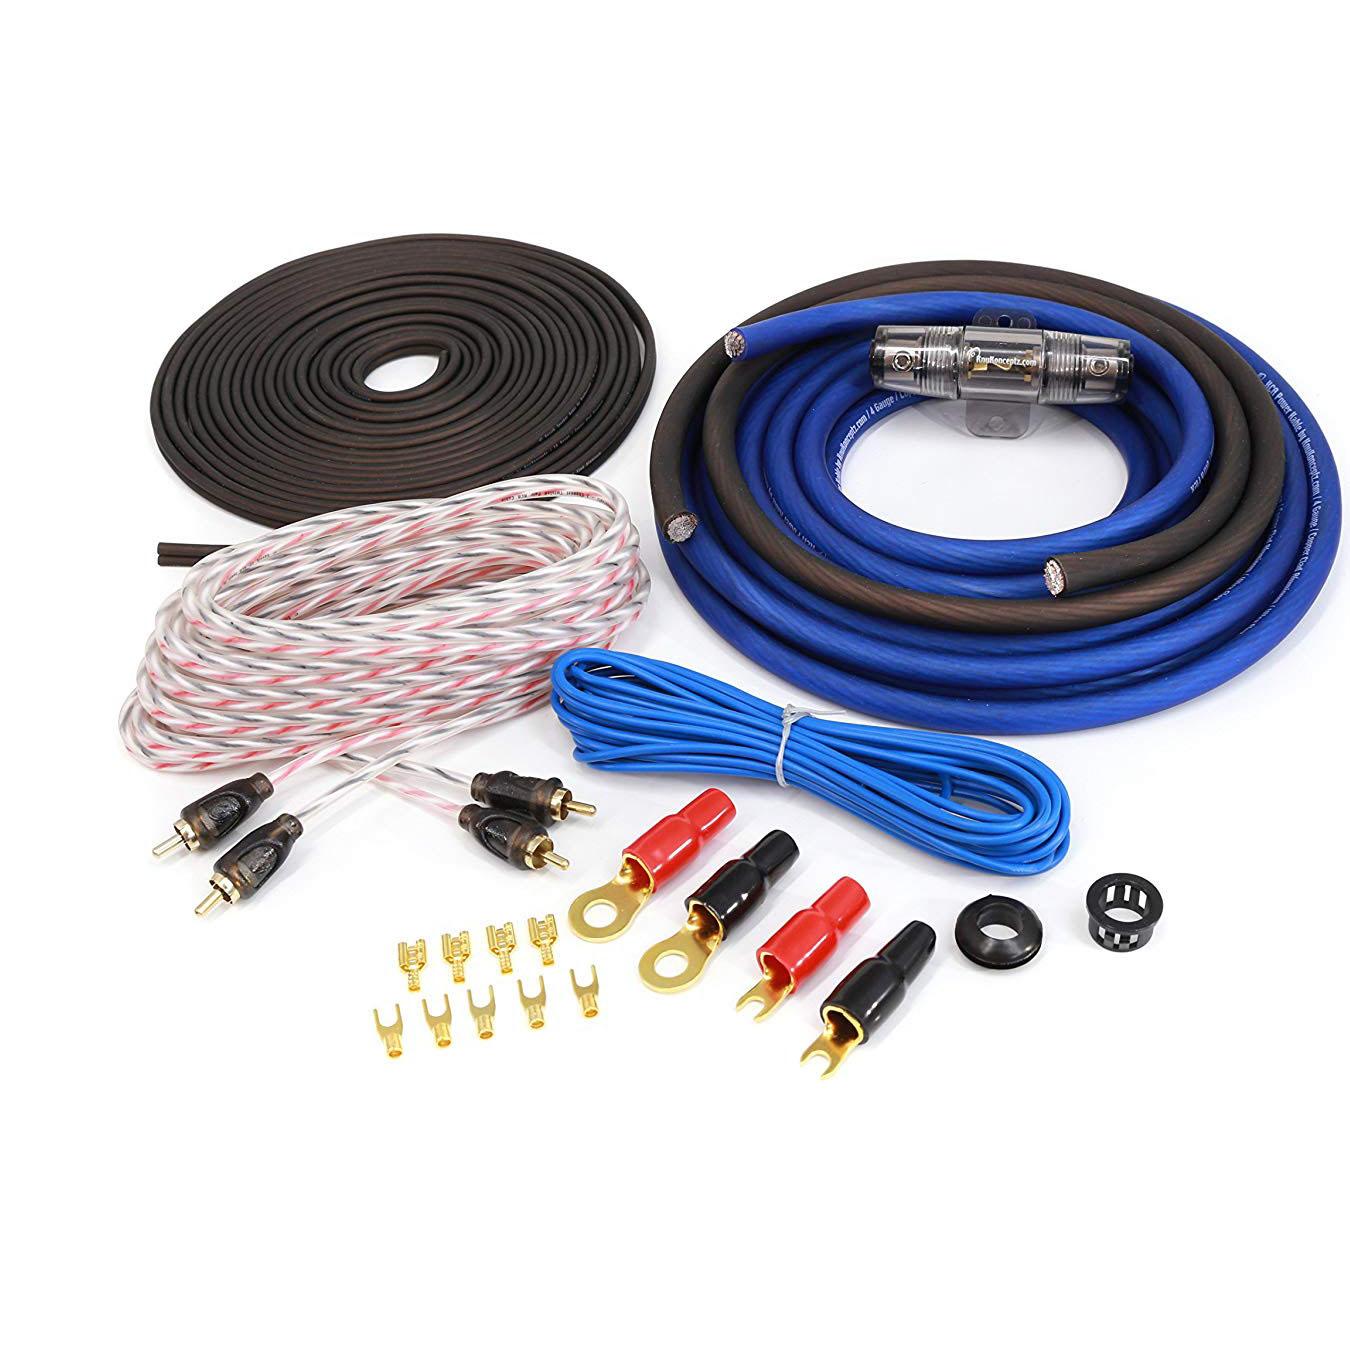 Venta al por mayor cable de cobre calibre 6 Compre online